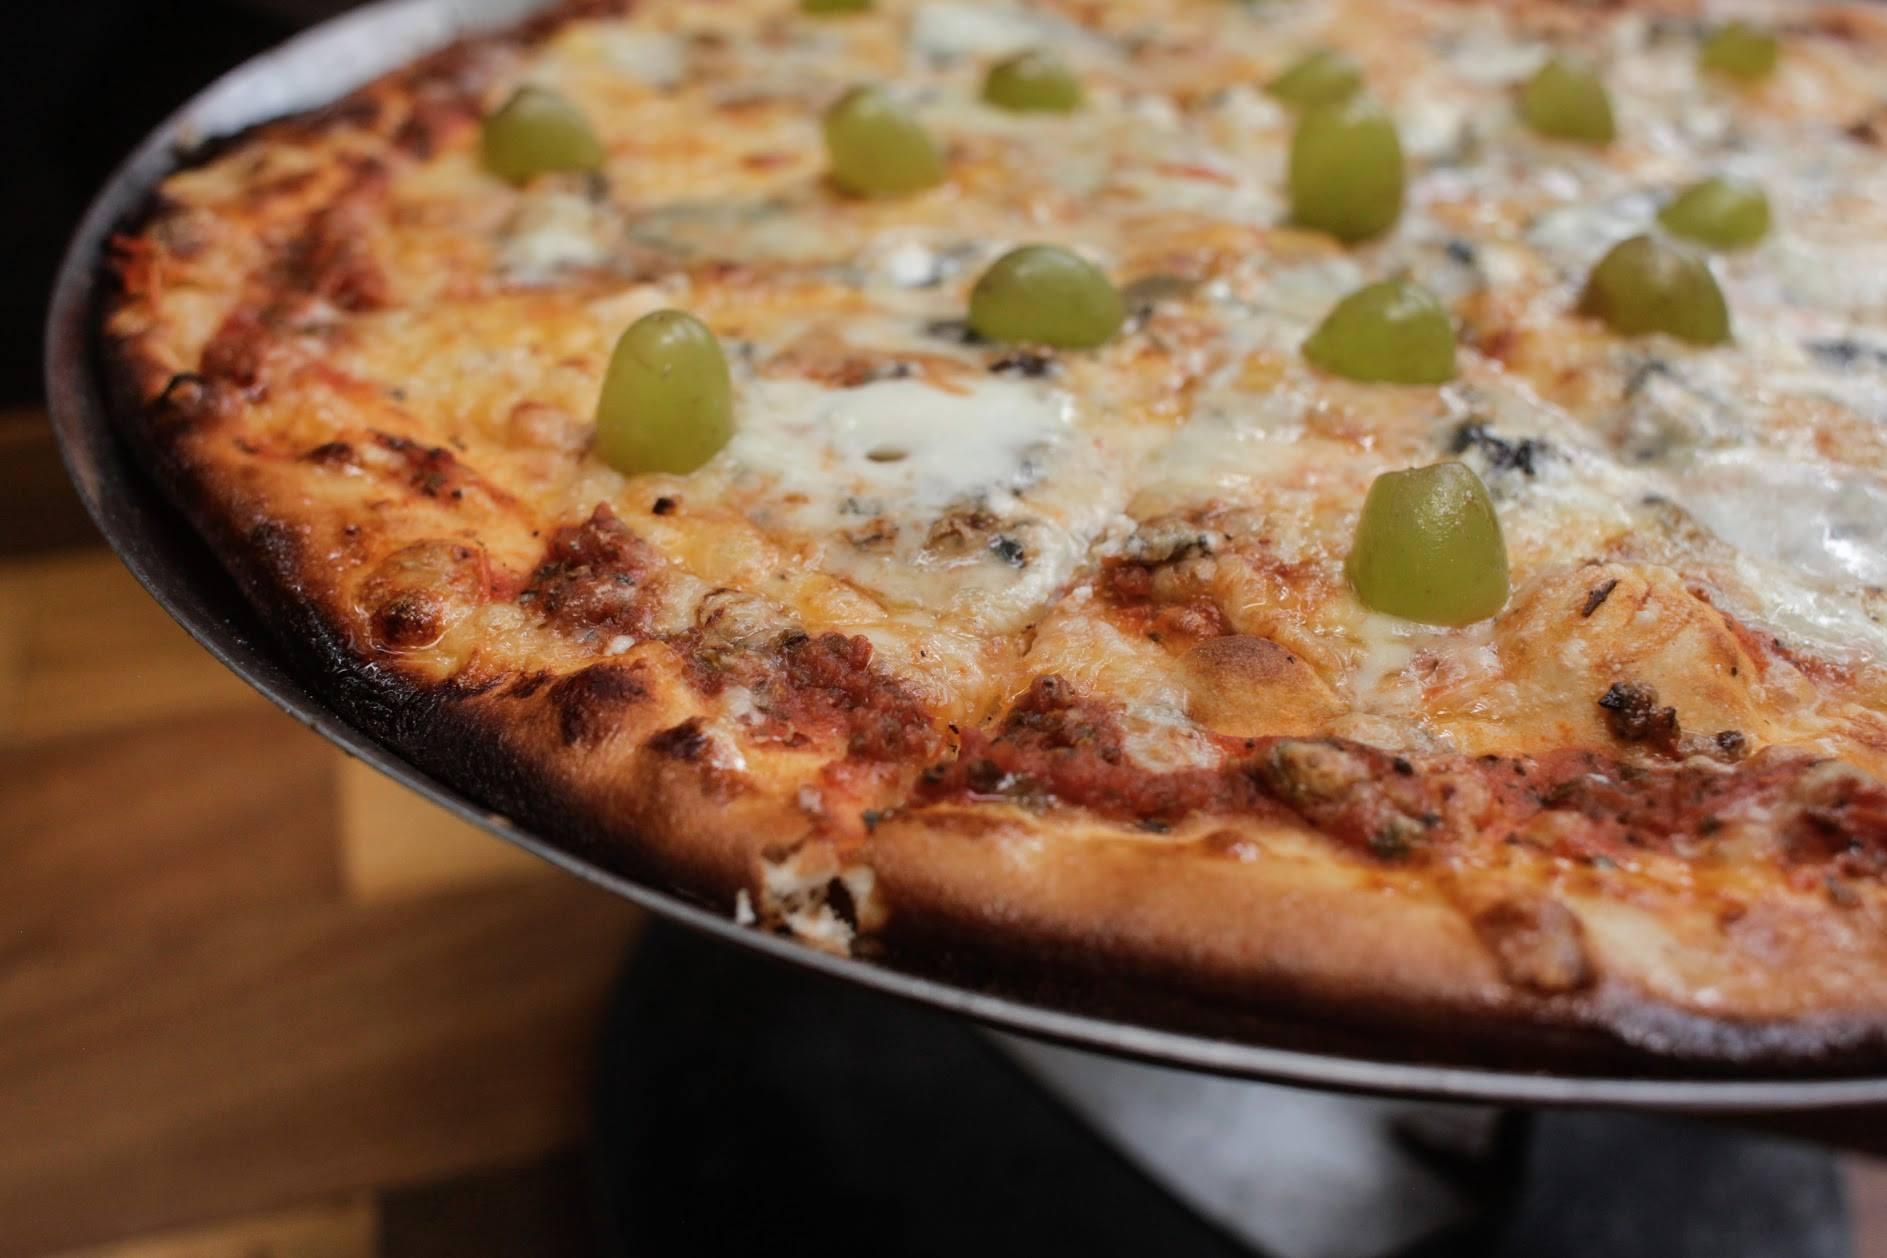 Los restaurantes con las mejores pizzas de cuatro quesos en la CDMX